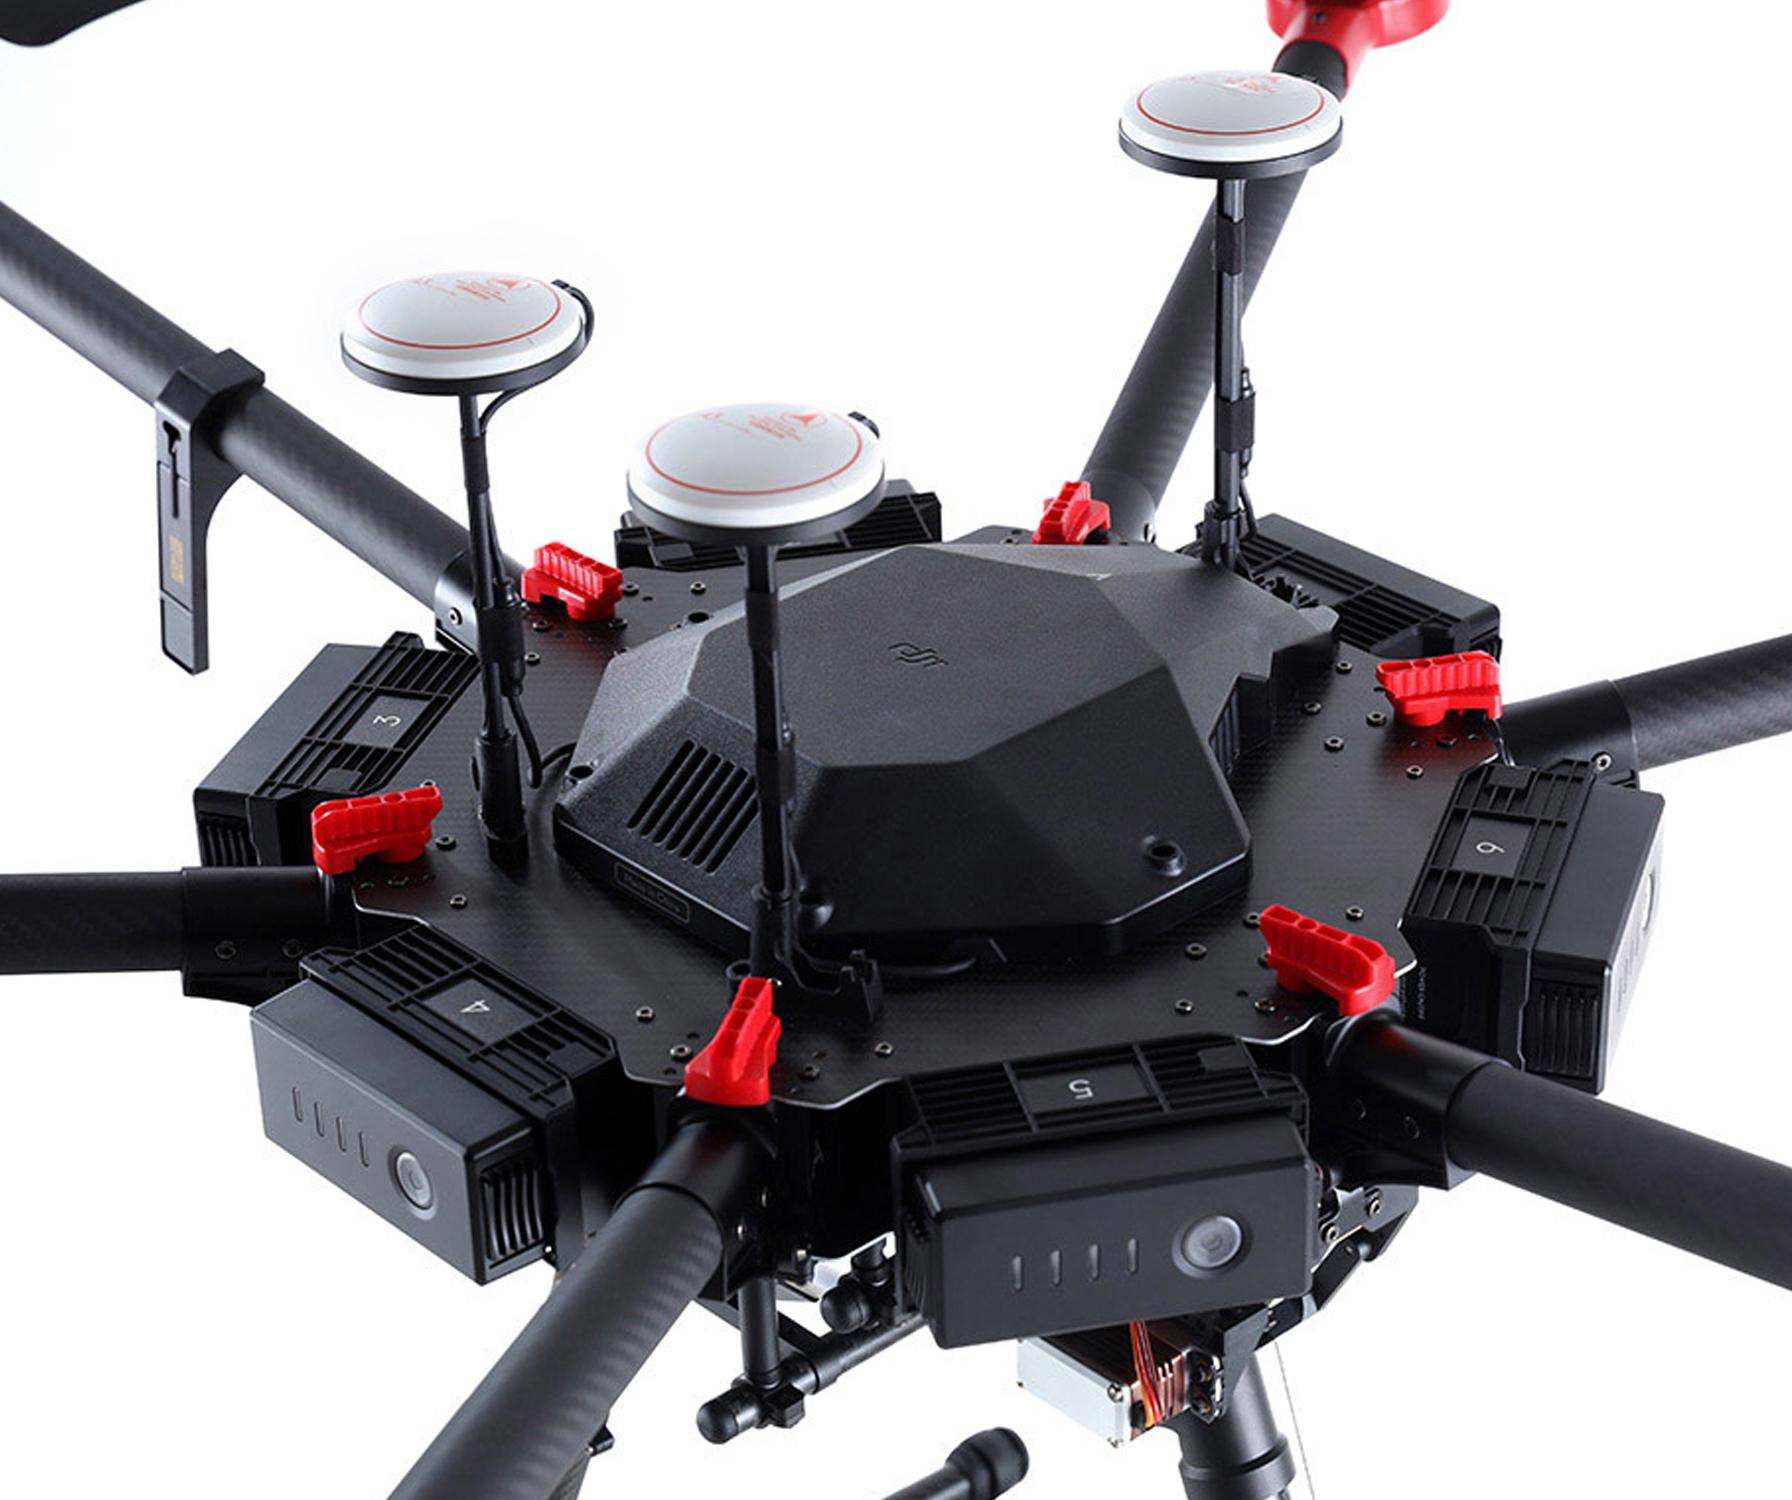 EASYRIG 8 18kg video and film Serene camera easy rig for